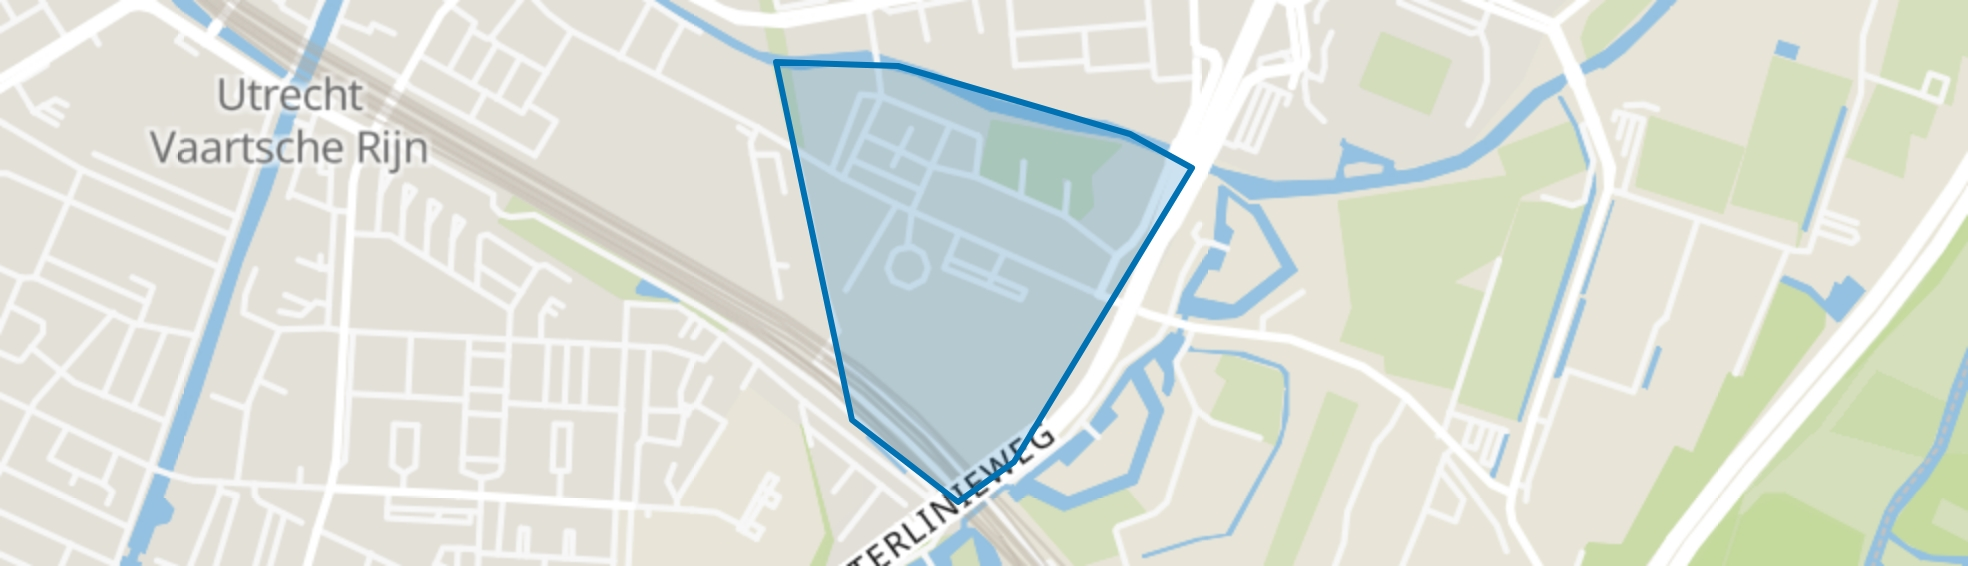 L. Napoleonplantsoen en omgeving, Utrecht map